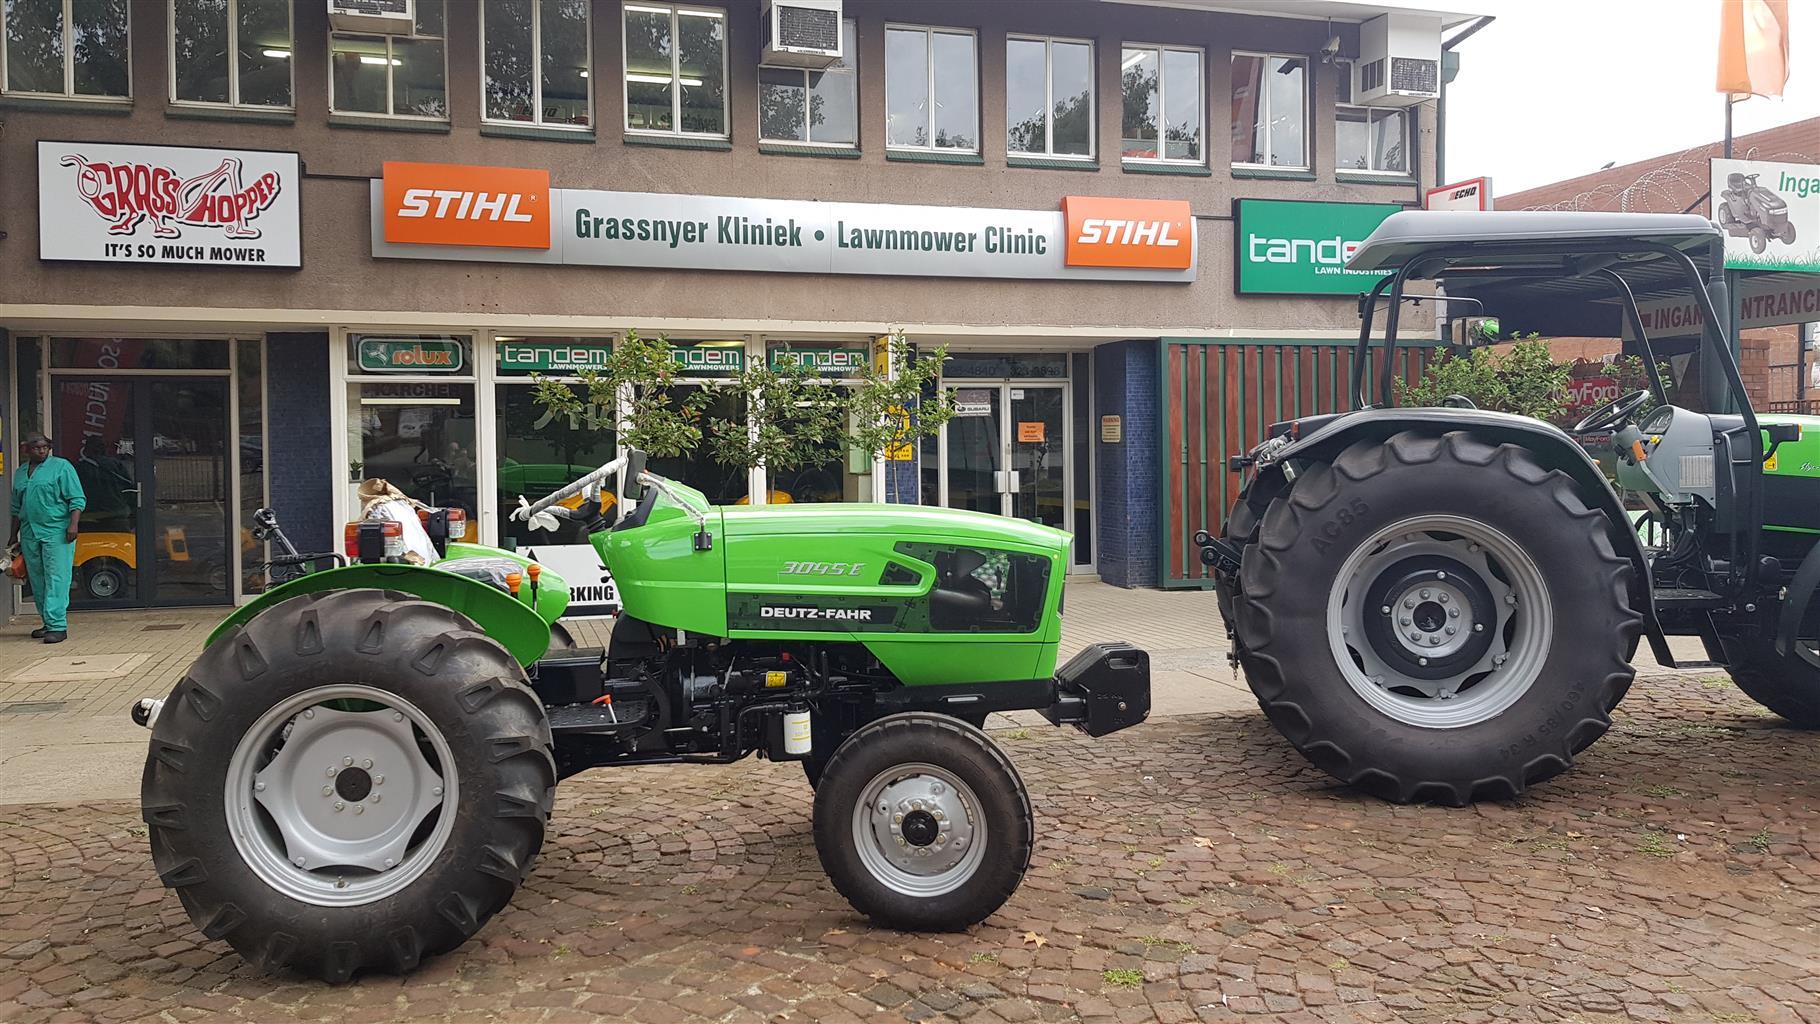 Detz-Fahr 3045 E Tractor